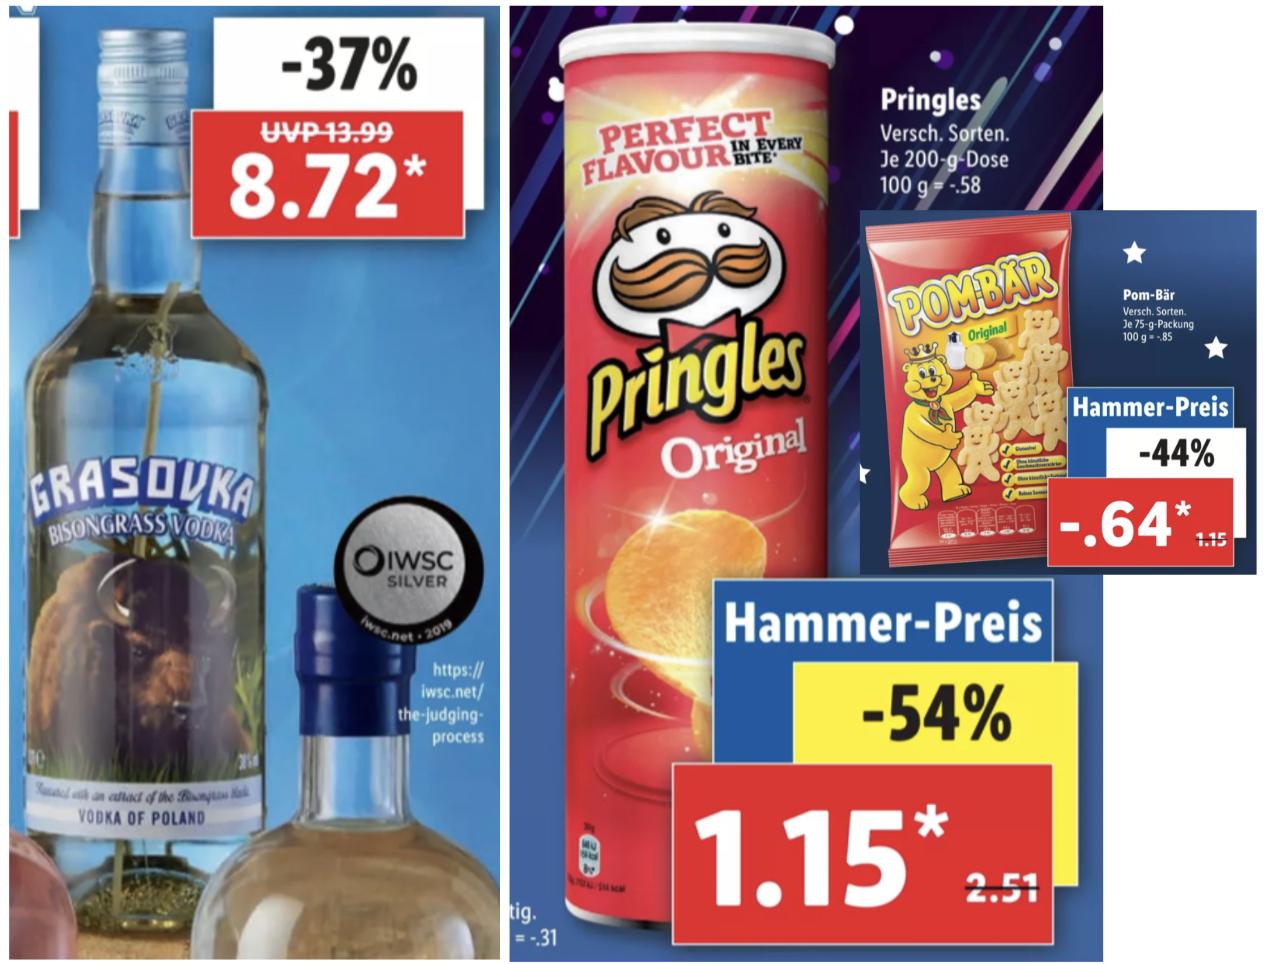 Grasovka Wodka 0,7l Flasche 8,72€ / Pringles versch. Sorten je 1,15€ / Pom-Bär Snack versch. Sorten für je 0,64€ und weitere Angebote